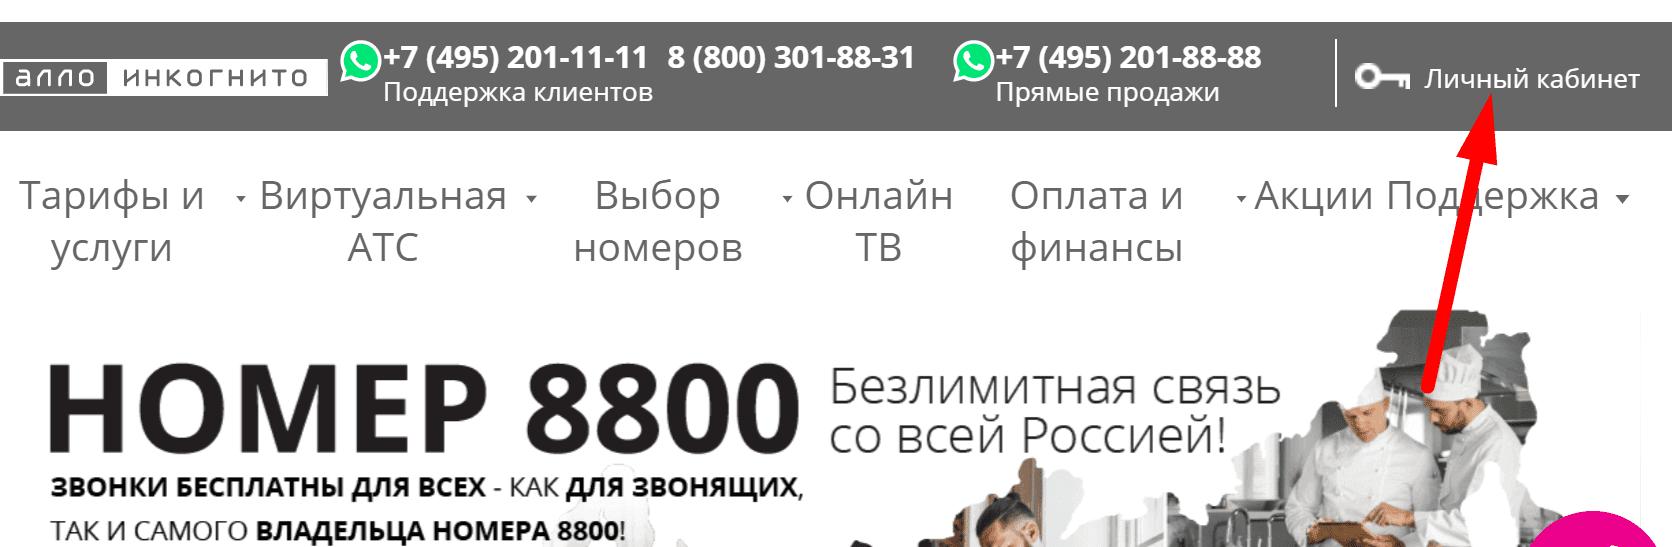 Ссылка на официальный сайт оператора связи «Алло Инкогнито»